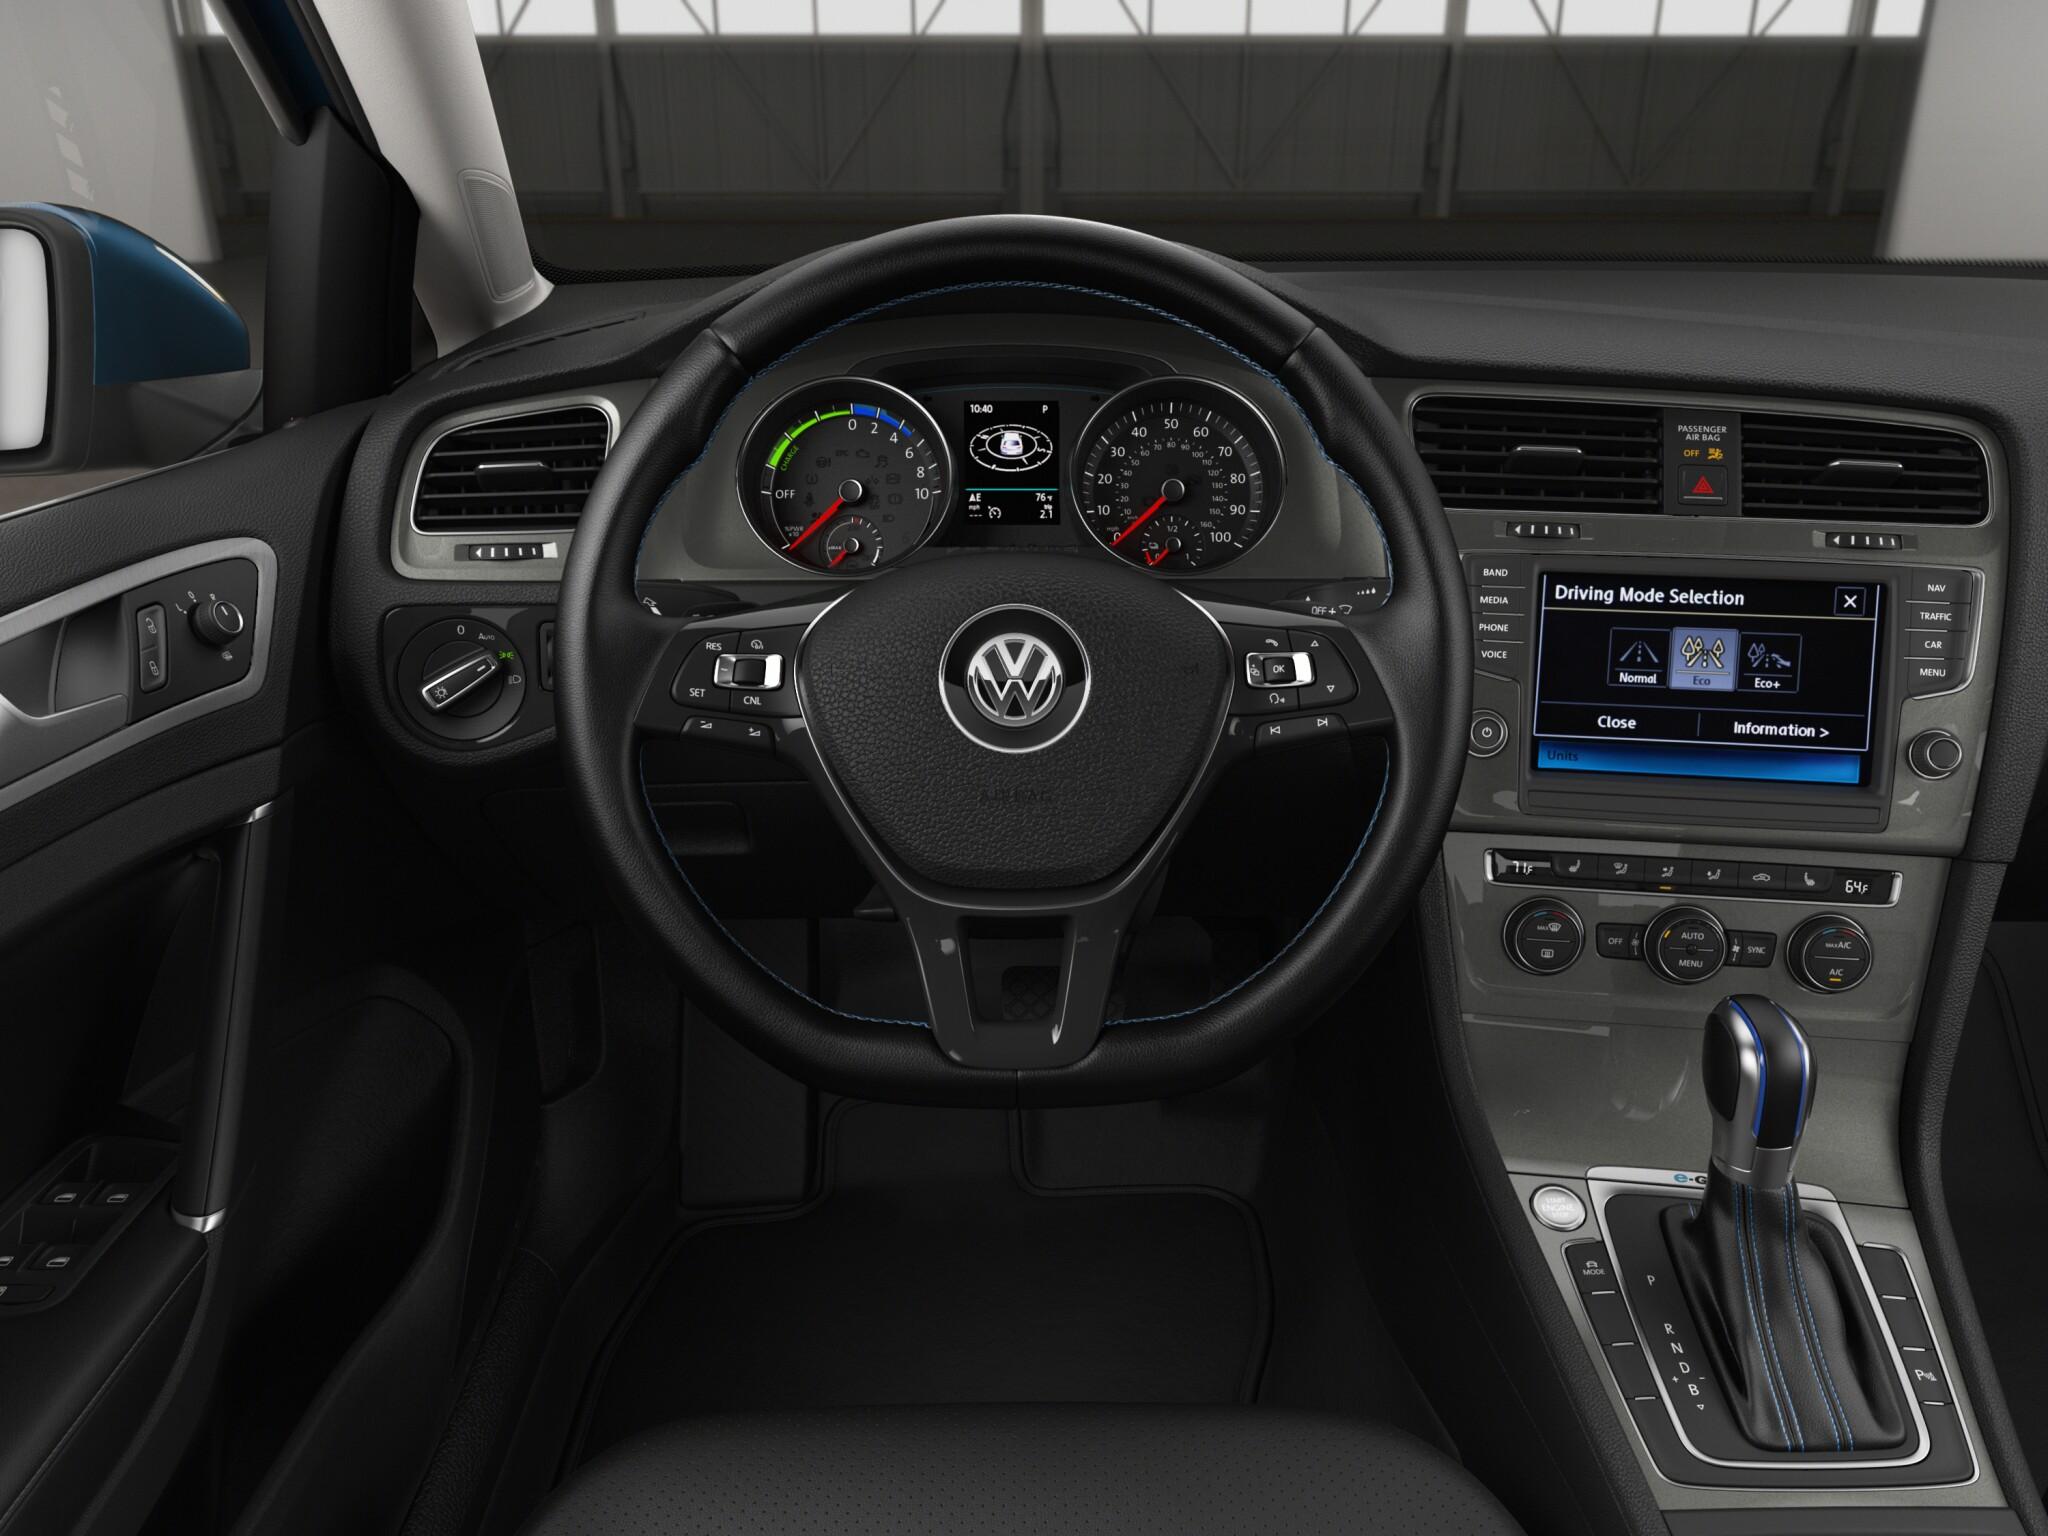 2016 Volkswagen e-Golf Cockpit and Speedometer